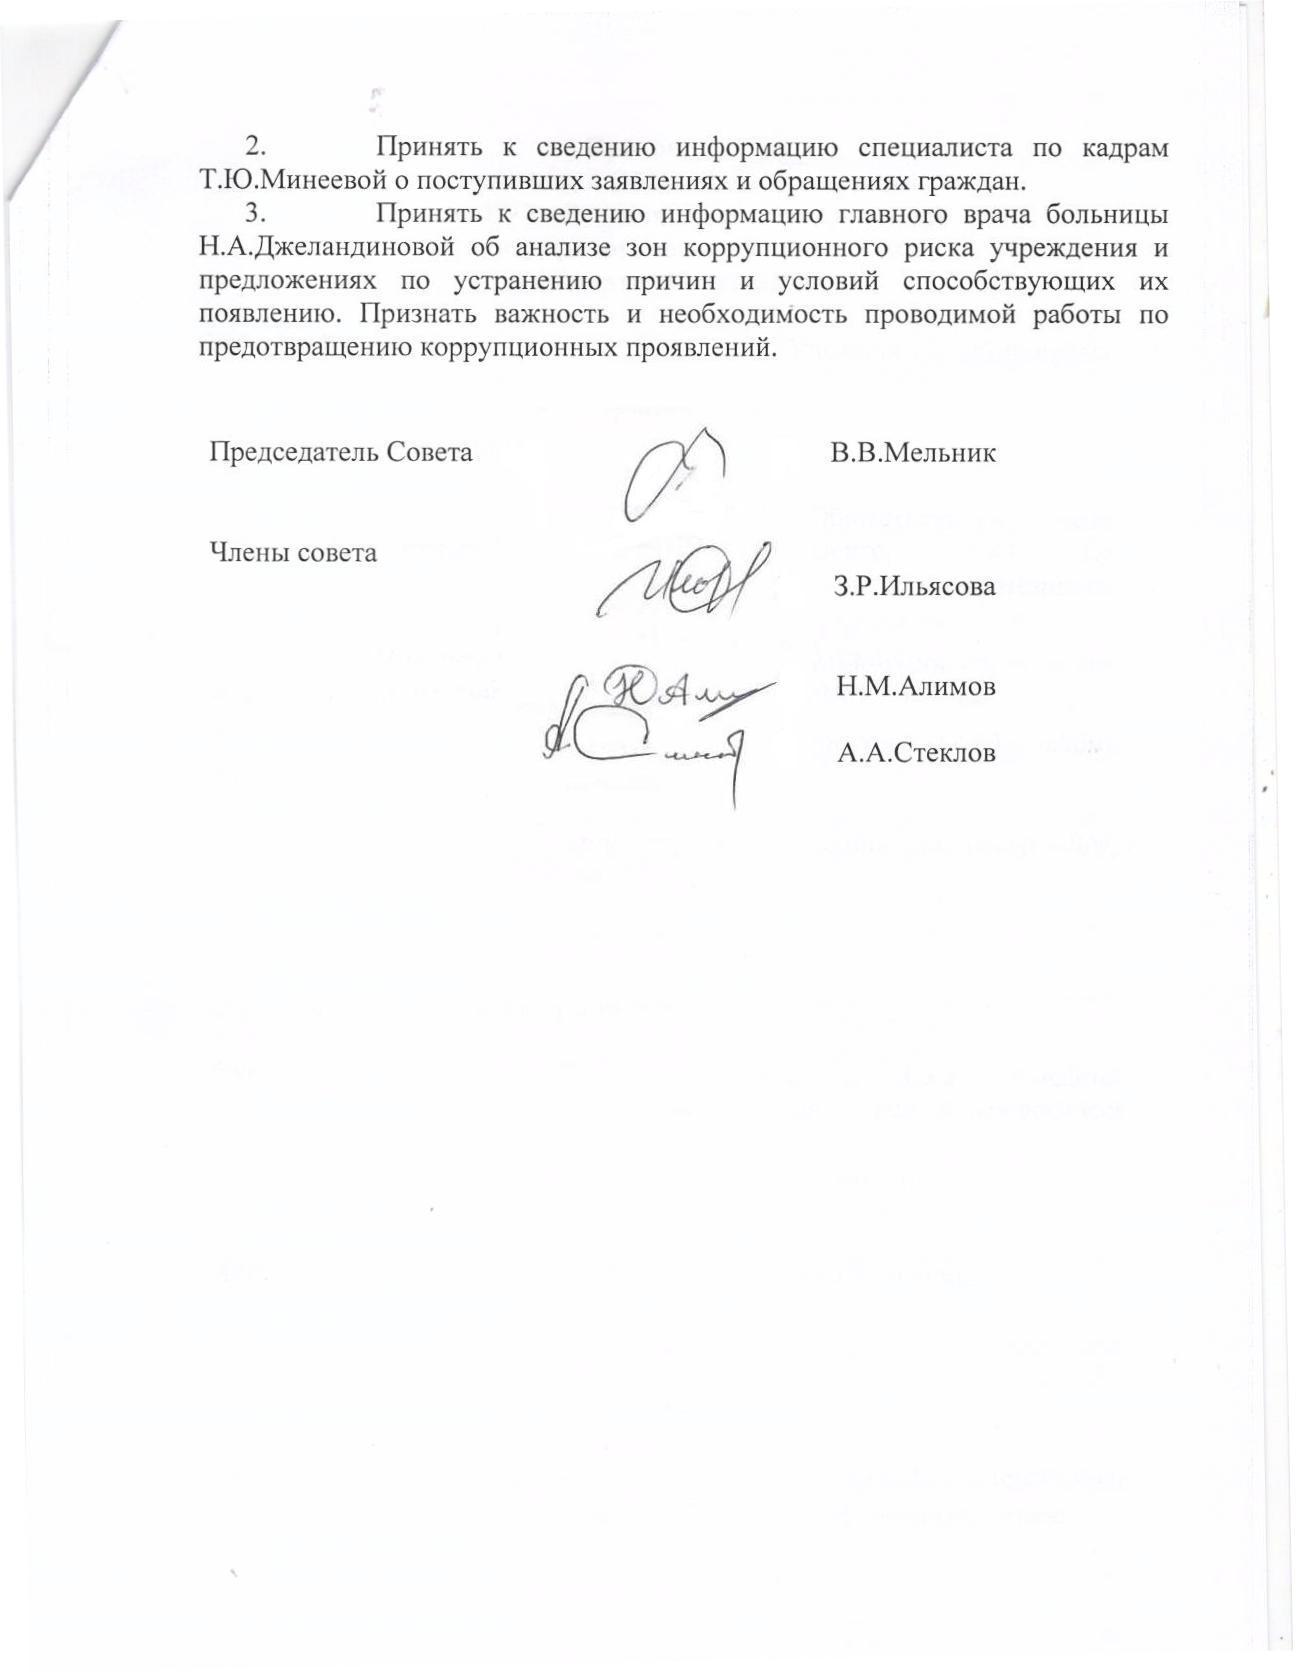 Протокол общественного совета № 2 002